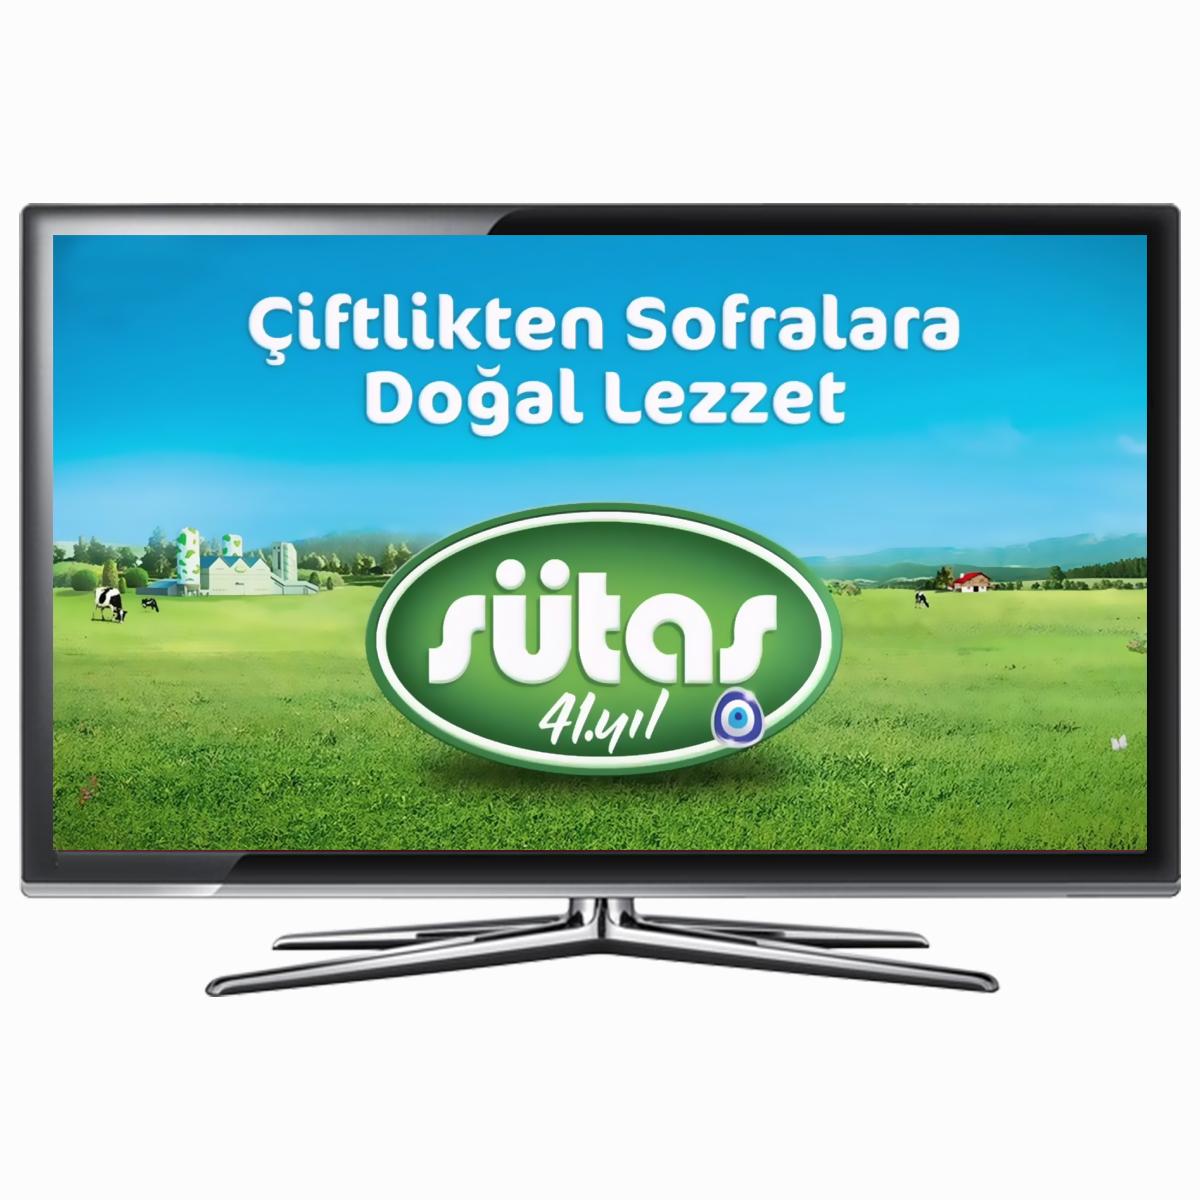 TV Kuşak Reklam - Medyaatak